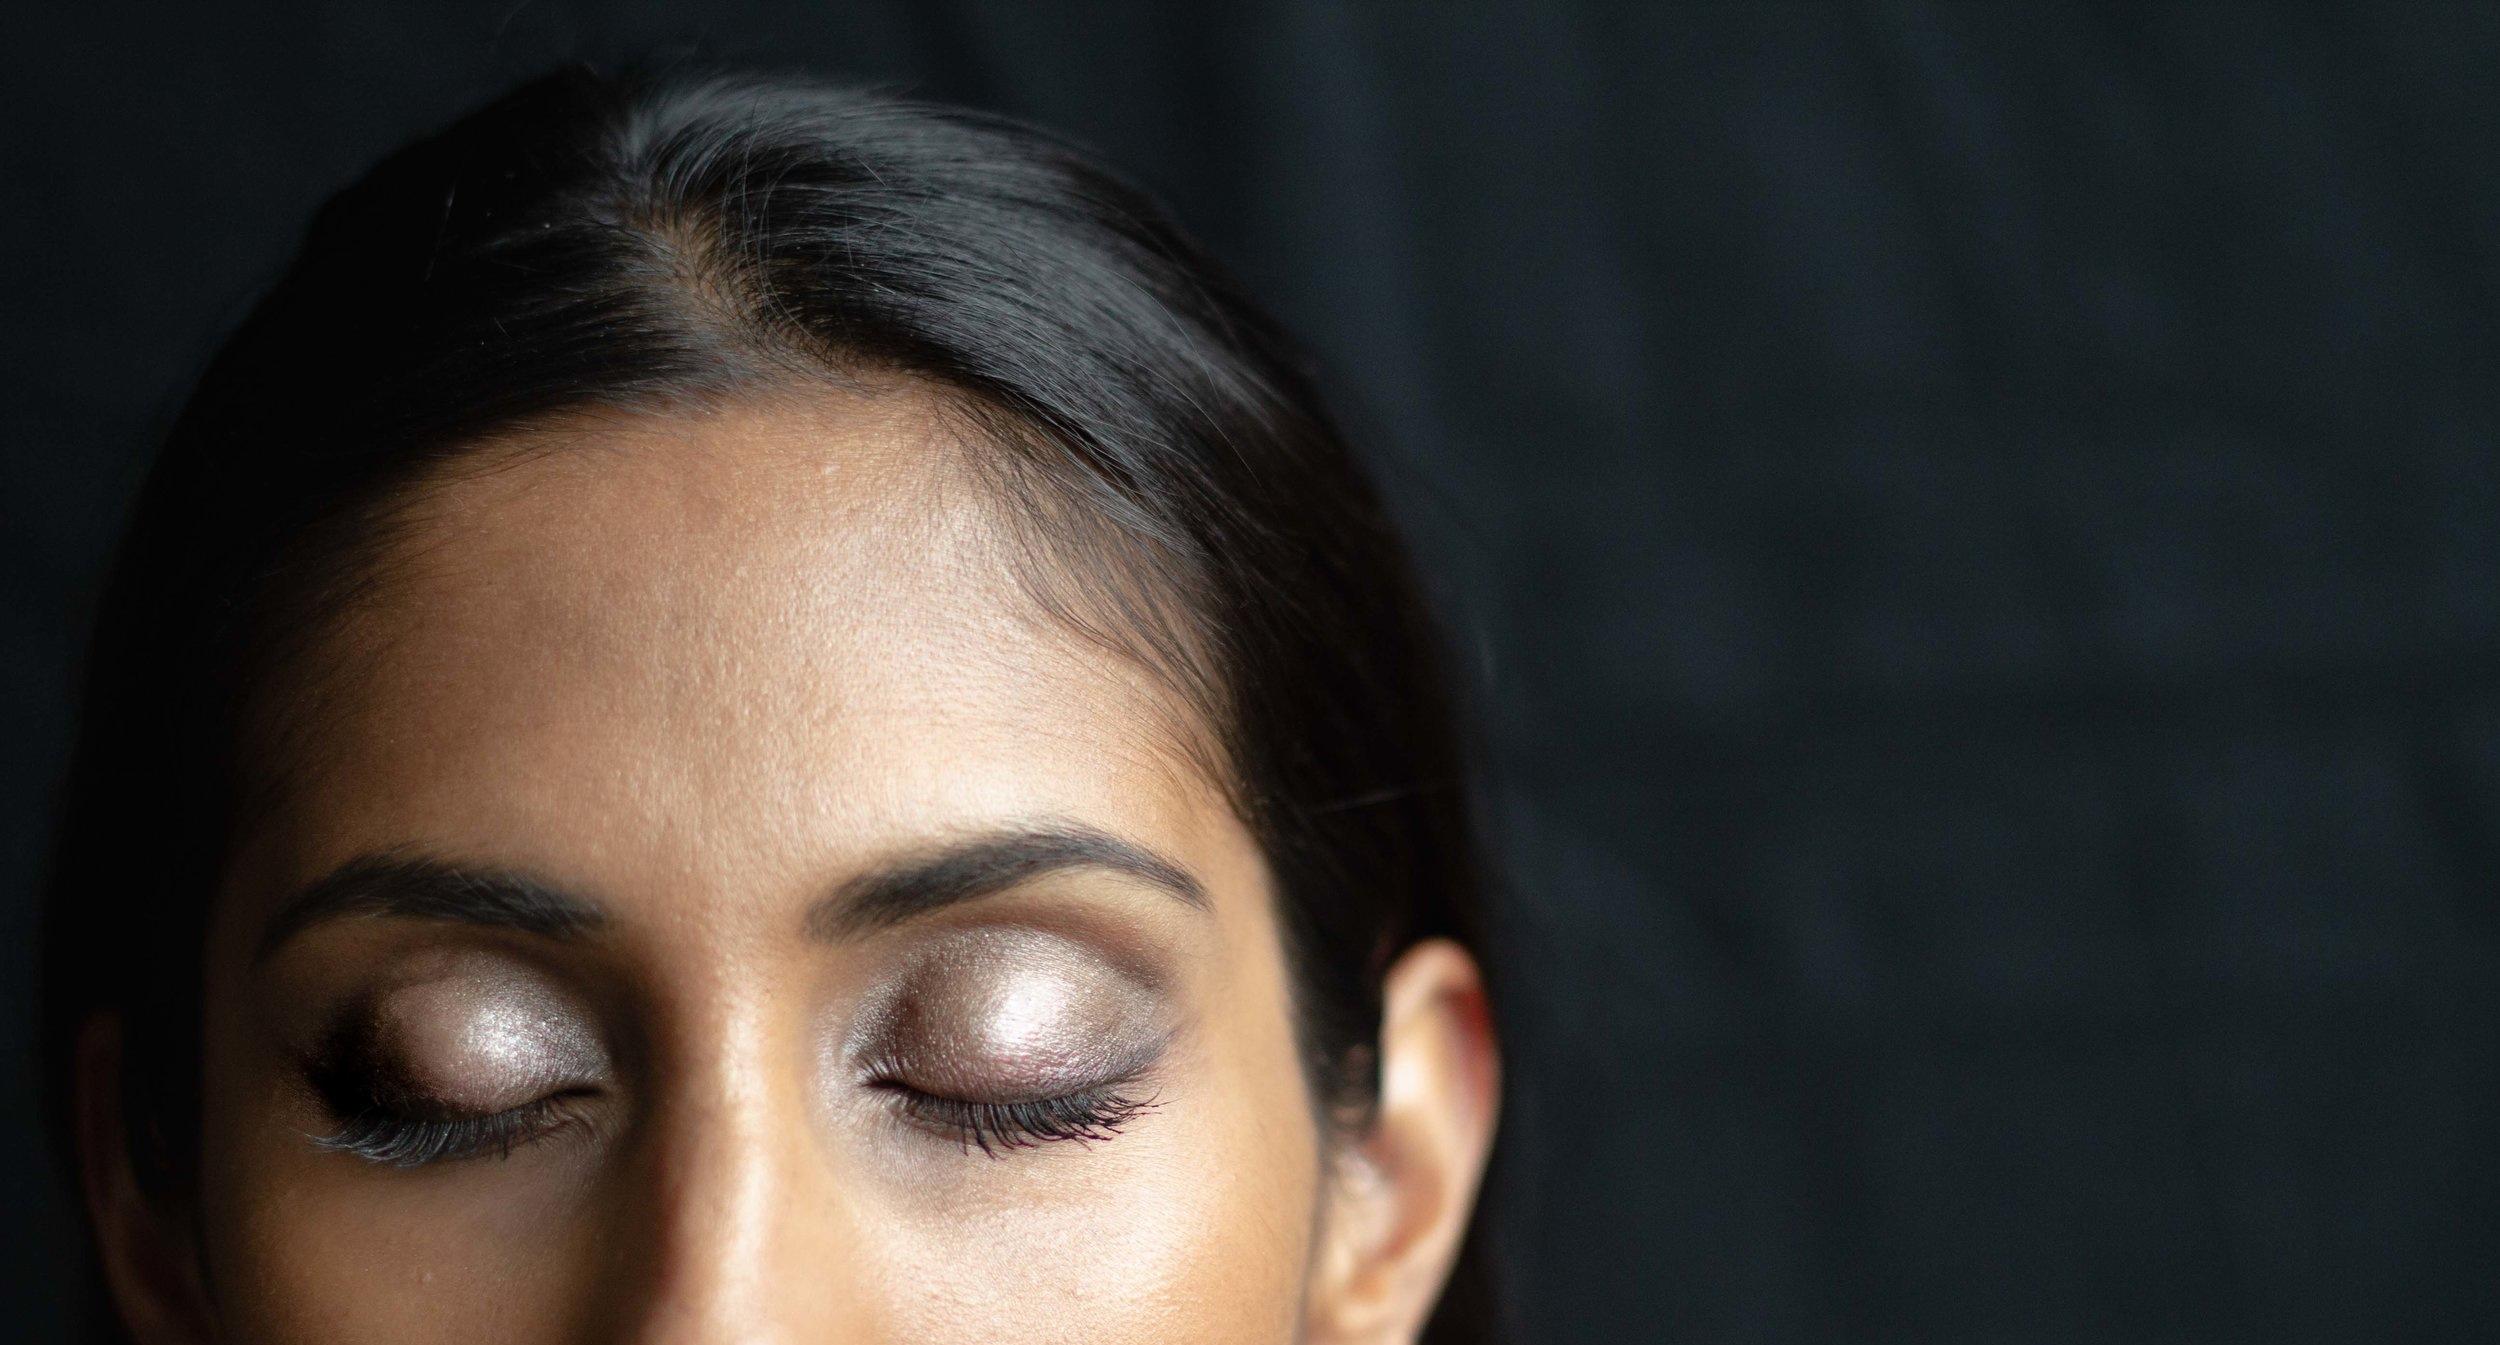 Spring-Beauty-Sparkling-Eyeshadow-Look-Closeup.jpg